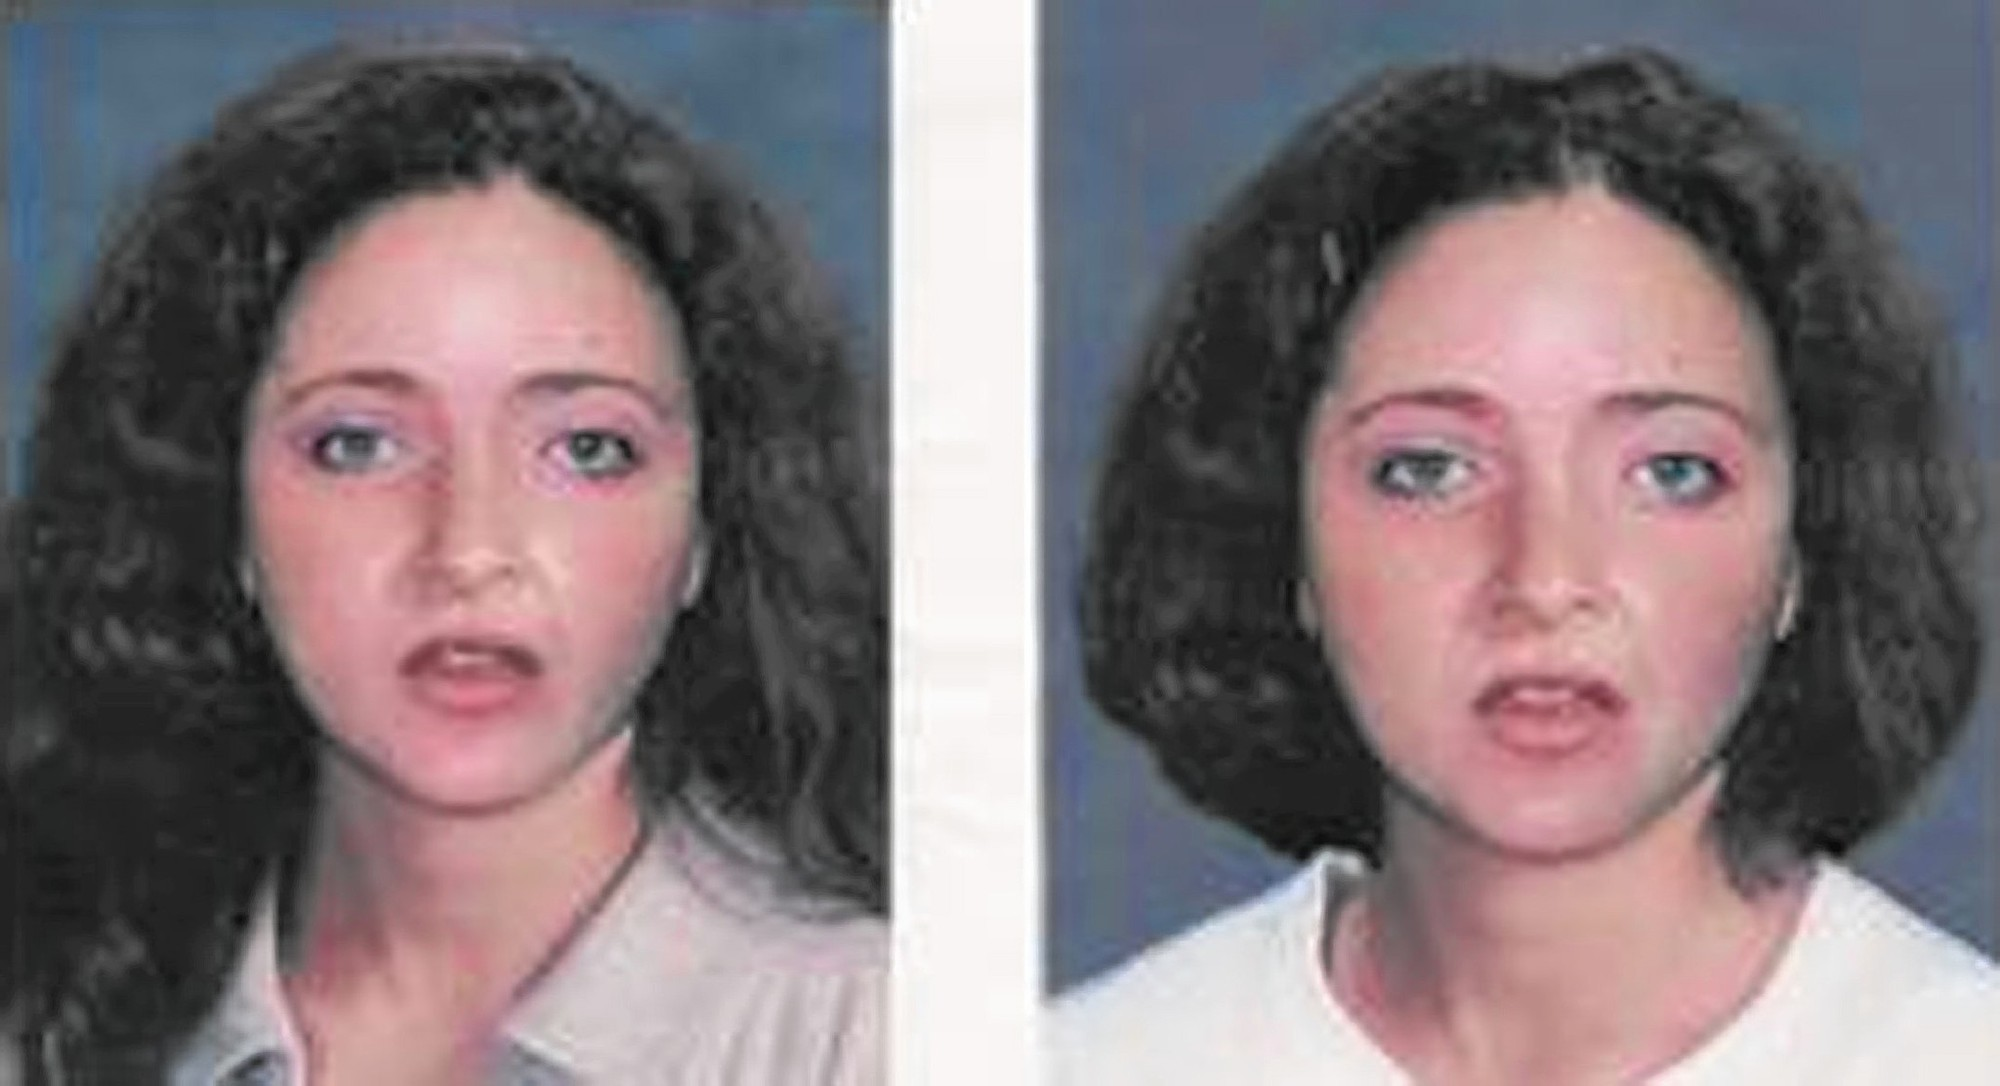 Vụ án ba chiếc vali chứa xác một người phụ nữ ám ảnh sở cảnh sát Mỹ suốt 40 năm mà không có lời giải - Ảnh 1.